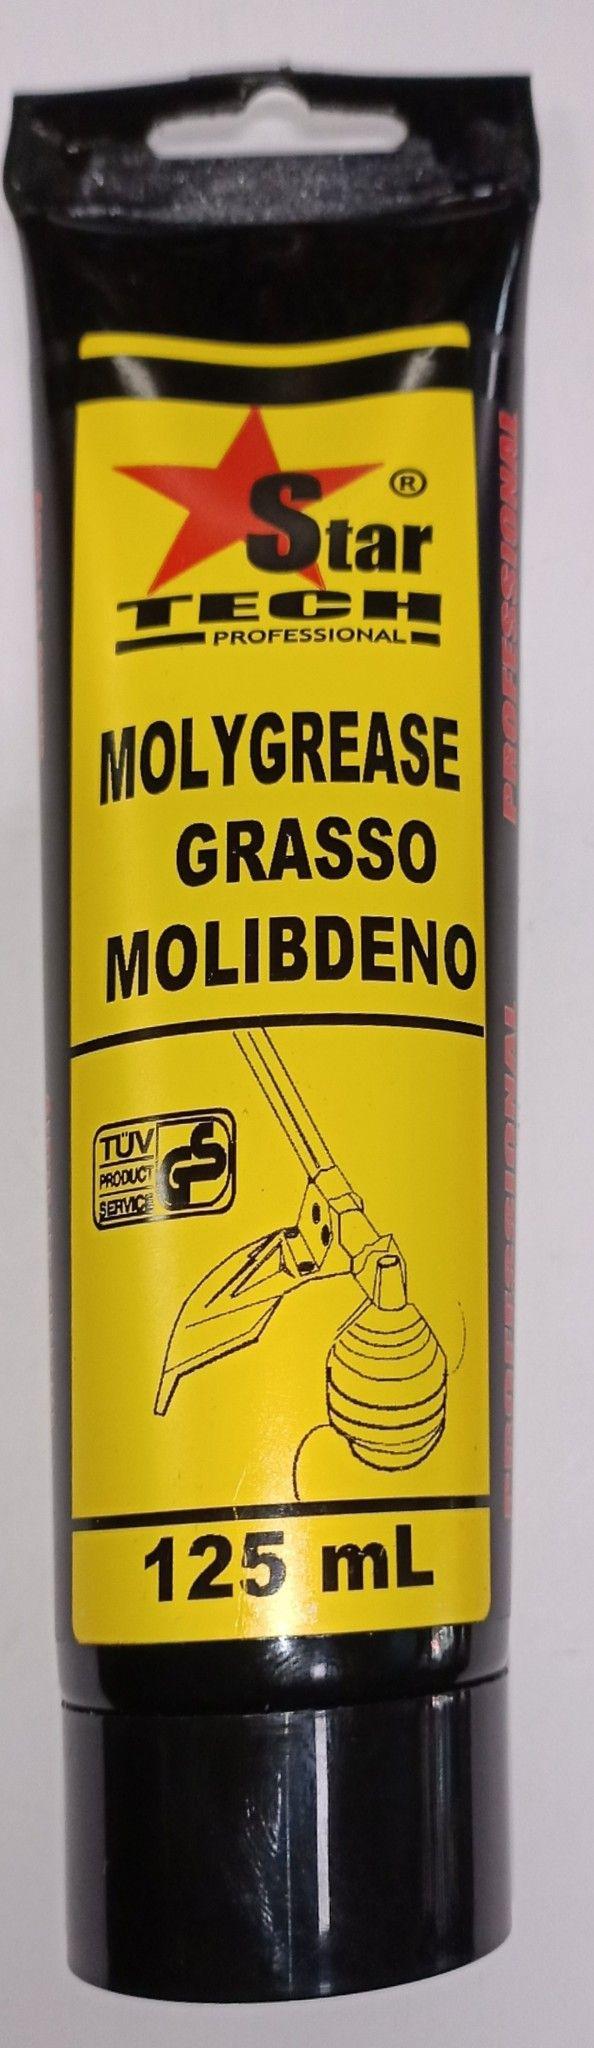 Grasso al bisolfuro di molibdeno ml 125 MOLYGREASE-2